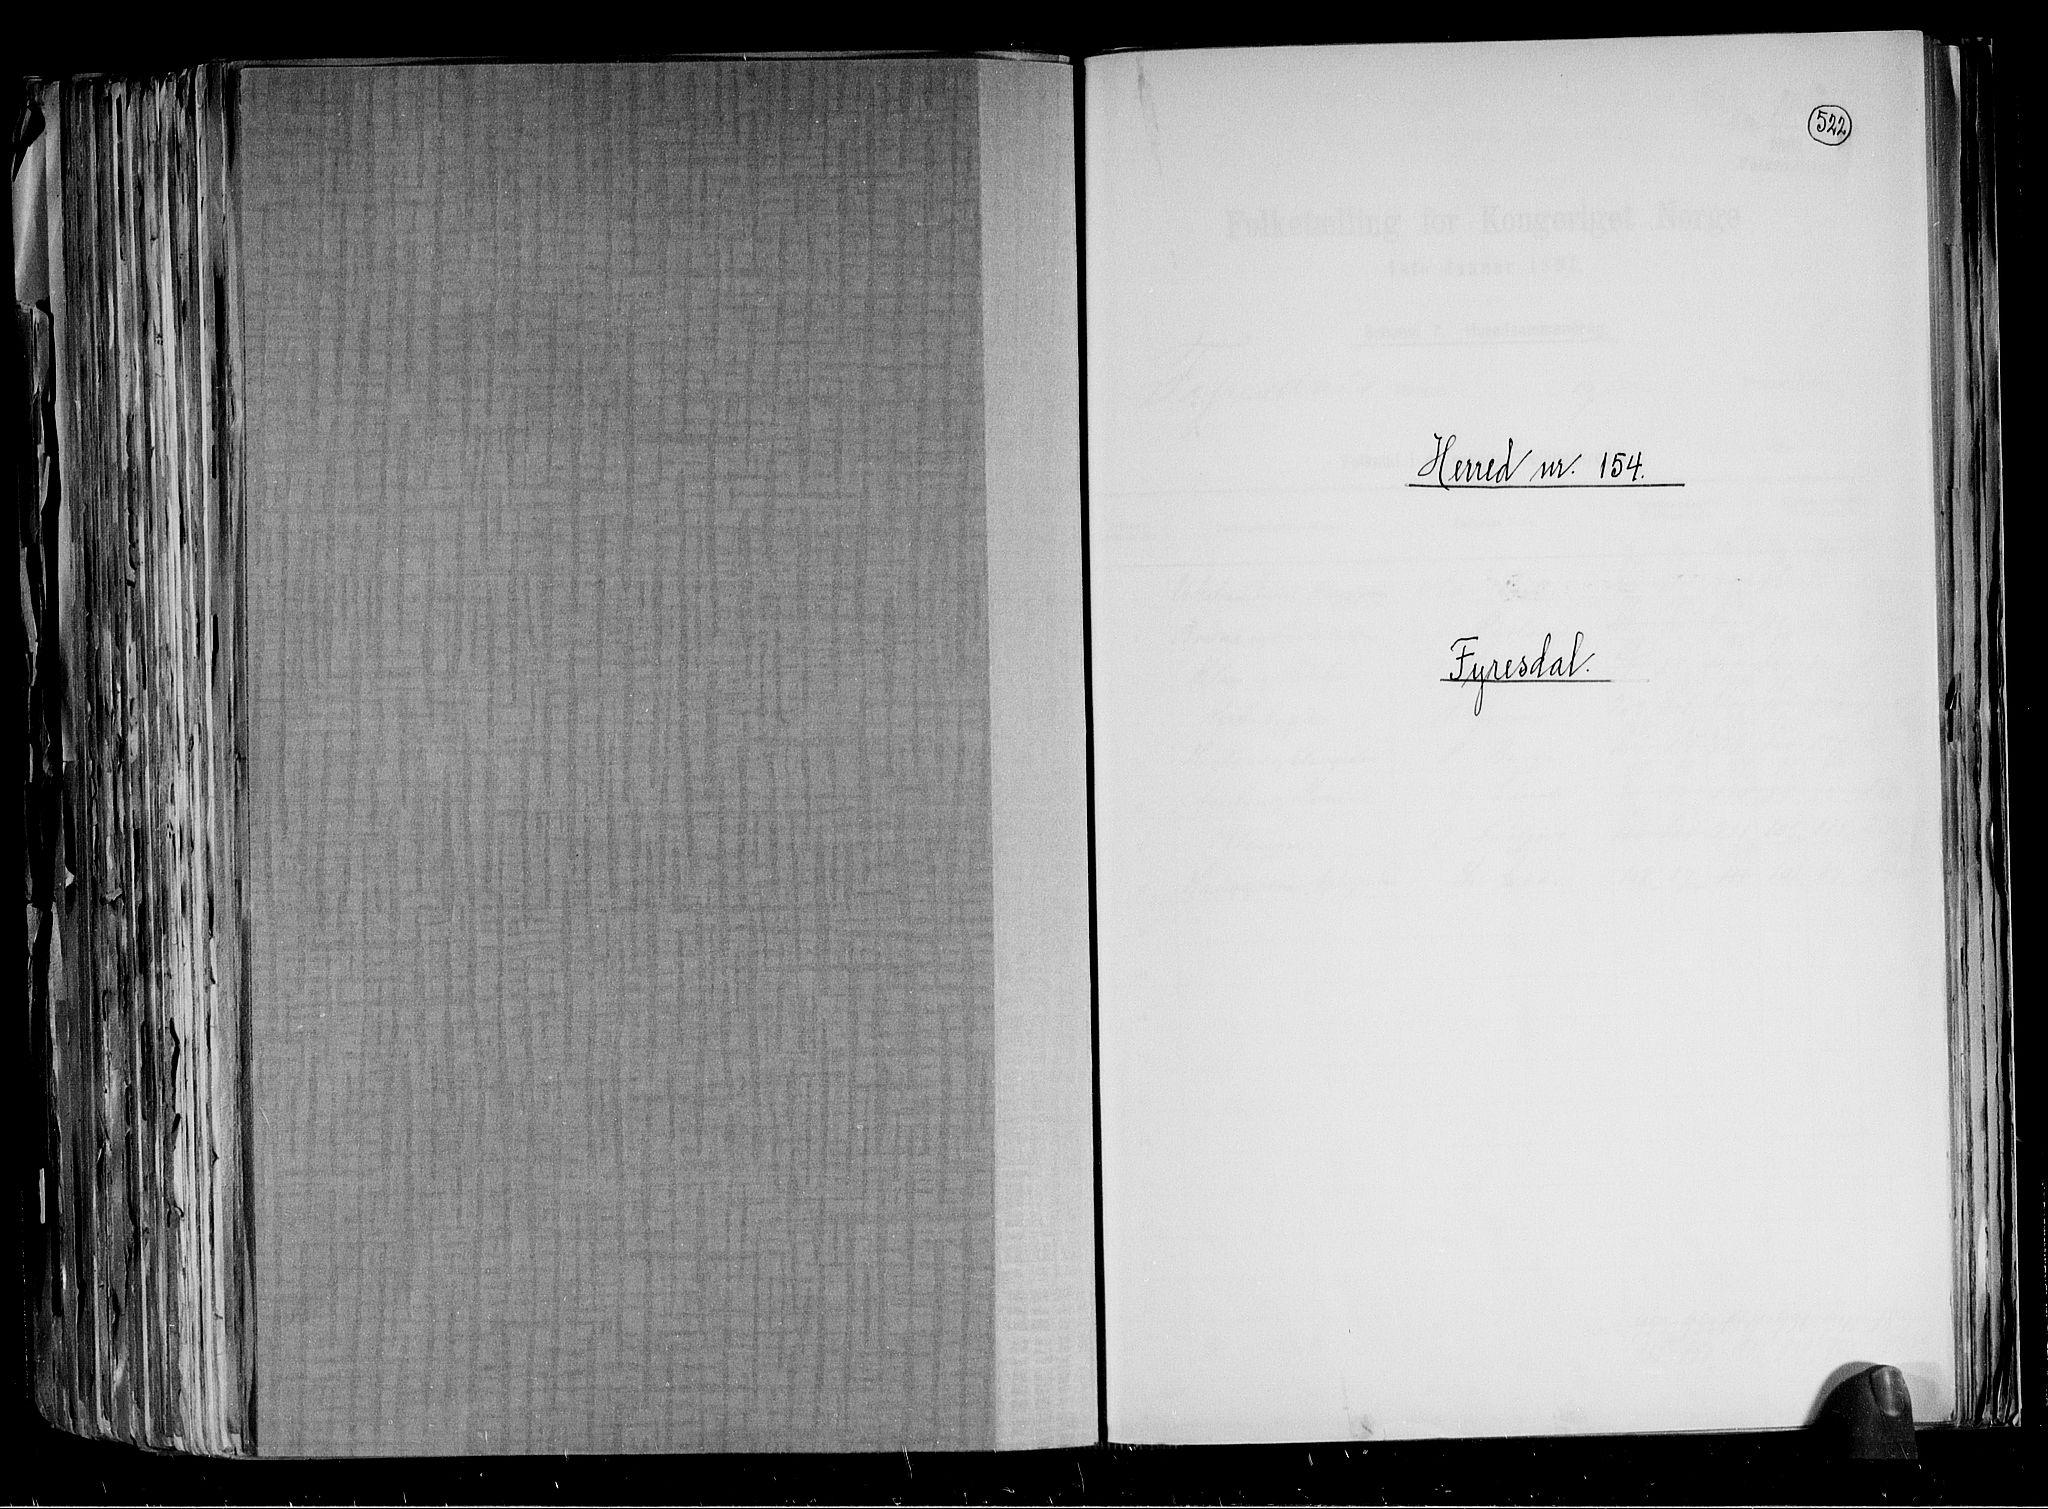 RA, Folketelling 1891 for 0831 Fyresdal herred, 1891, s. 1